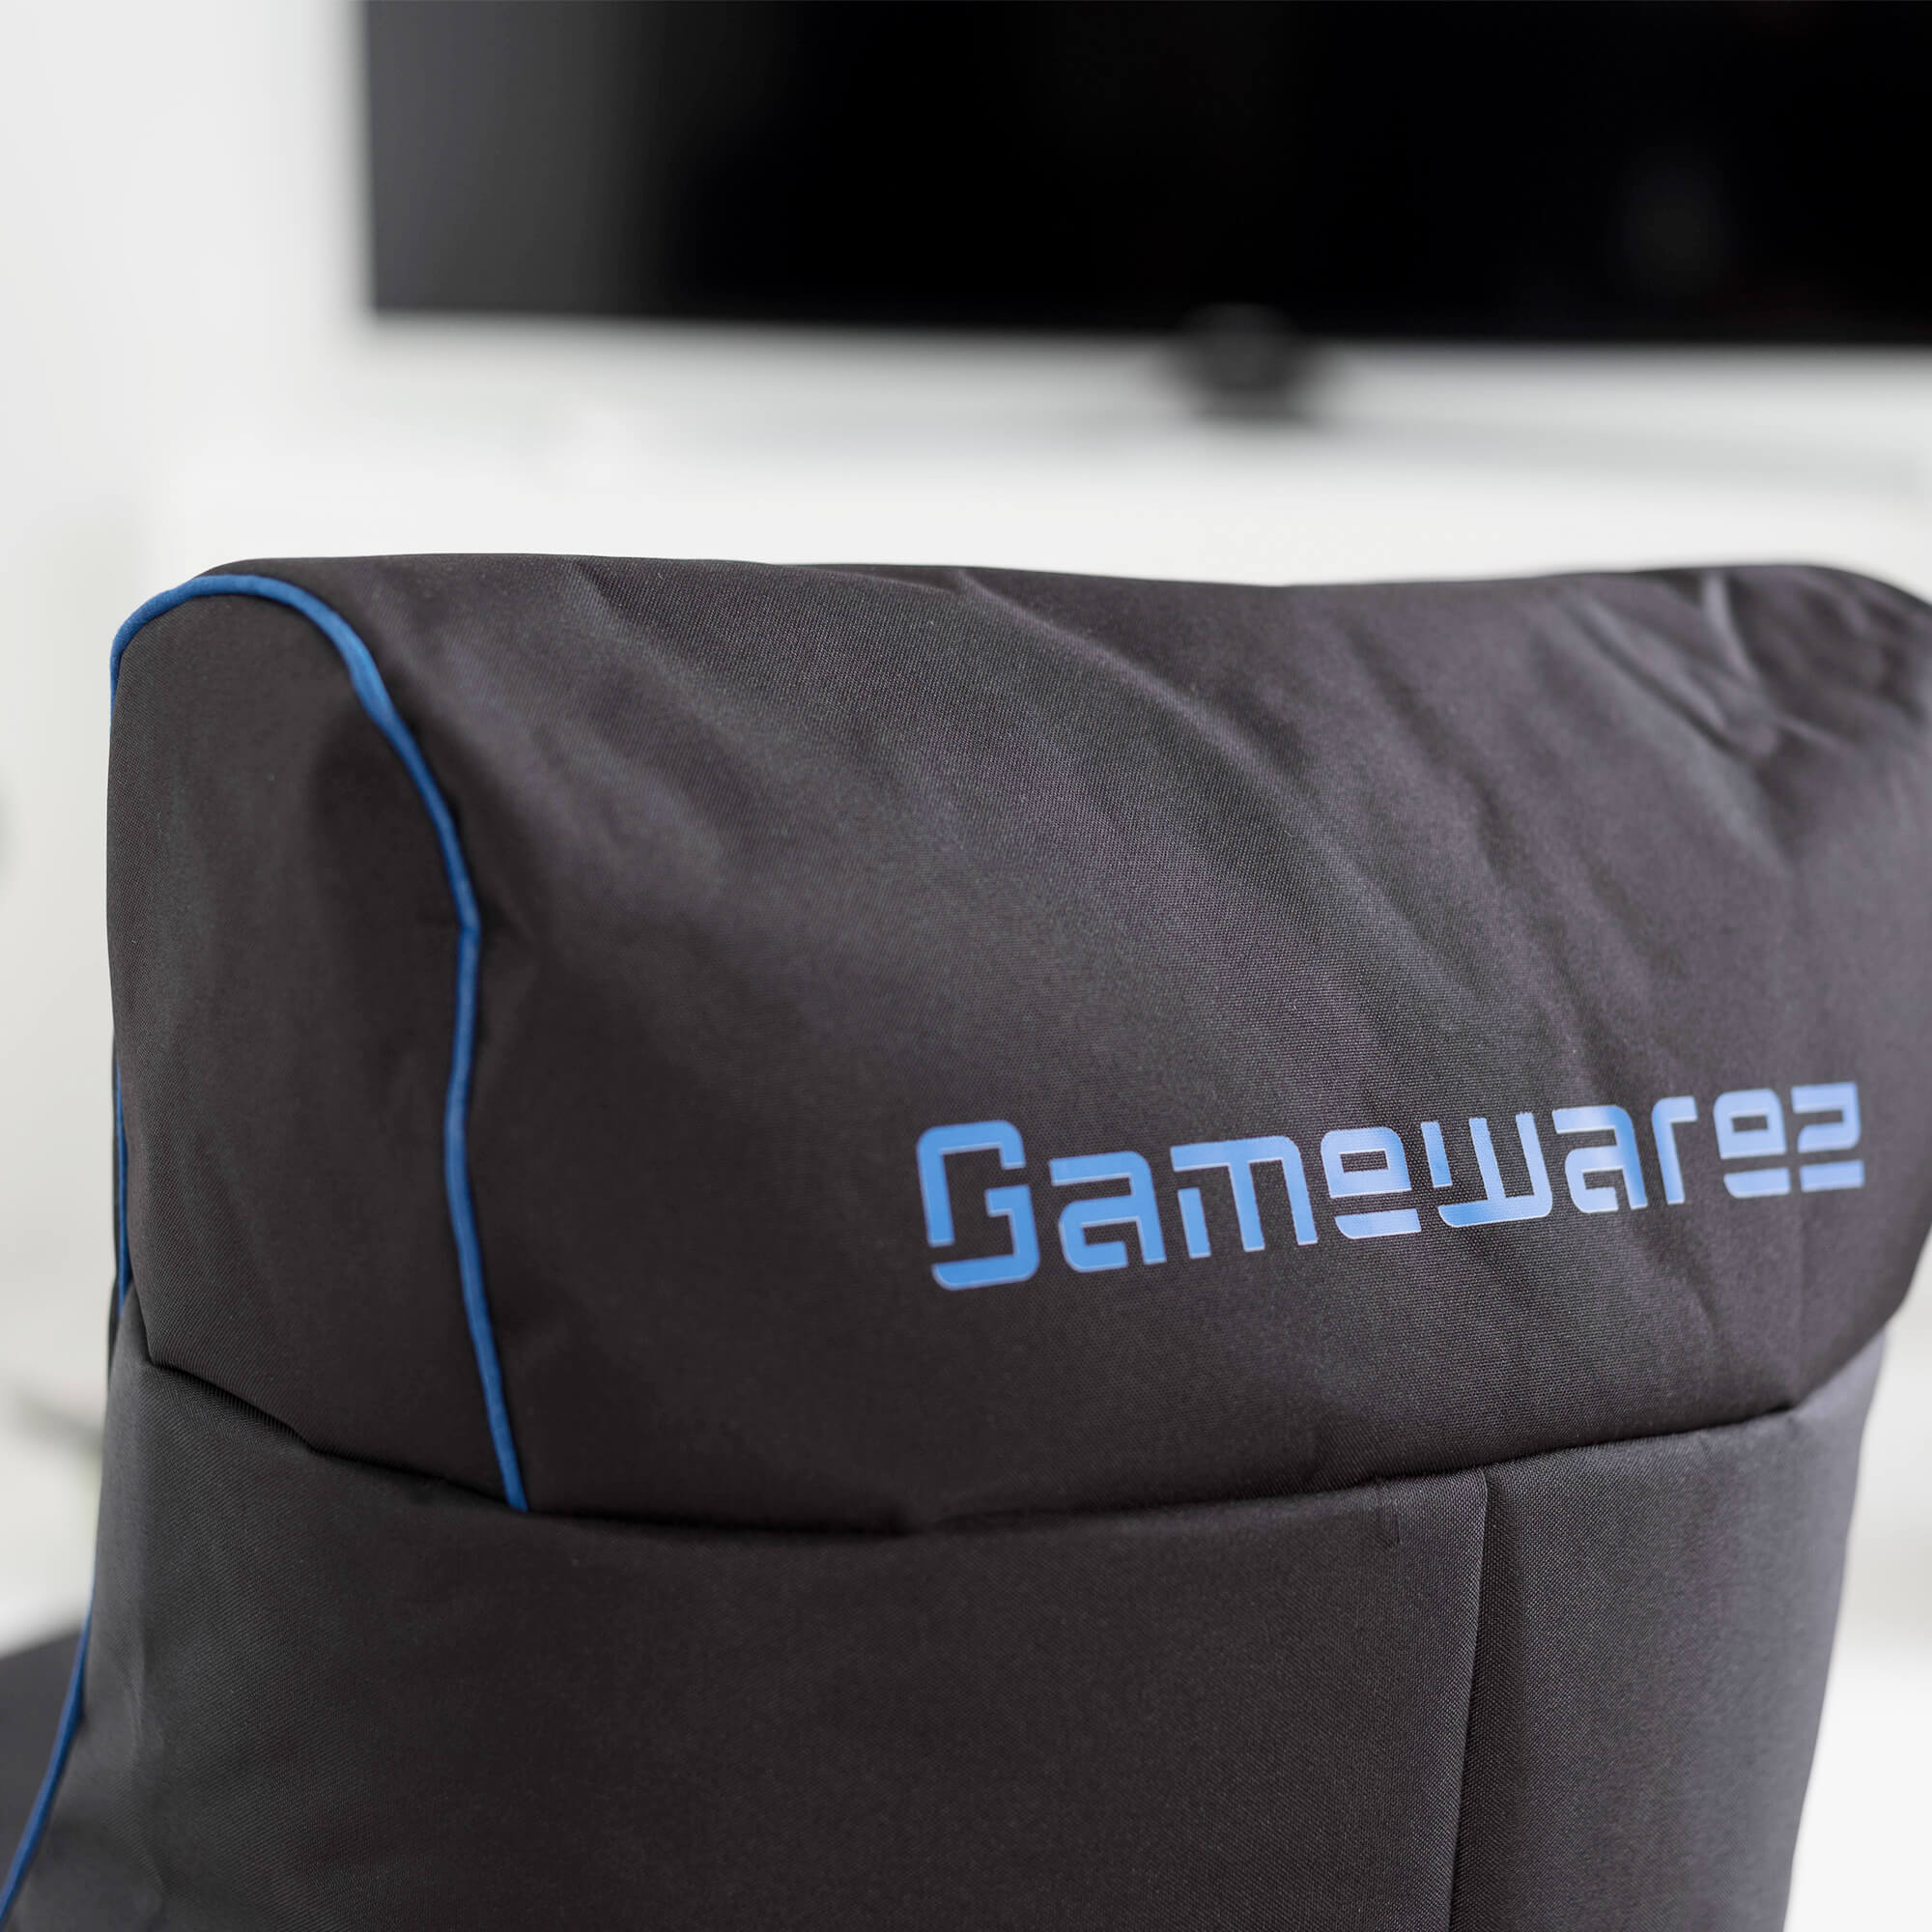 Bild von Gamewarez – bequemer können Konsolengamer nicht sitzen